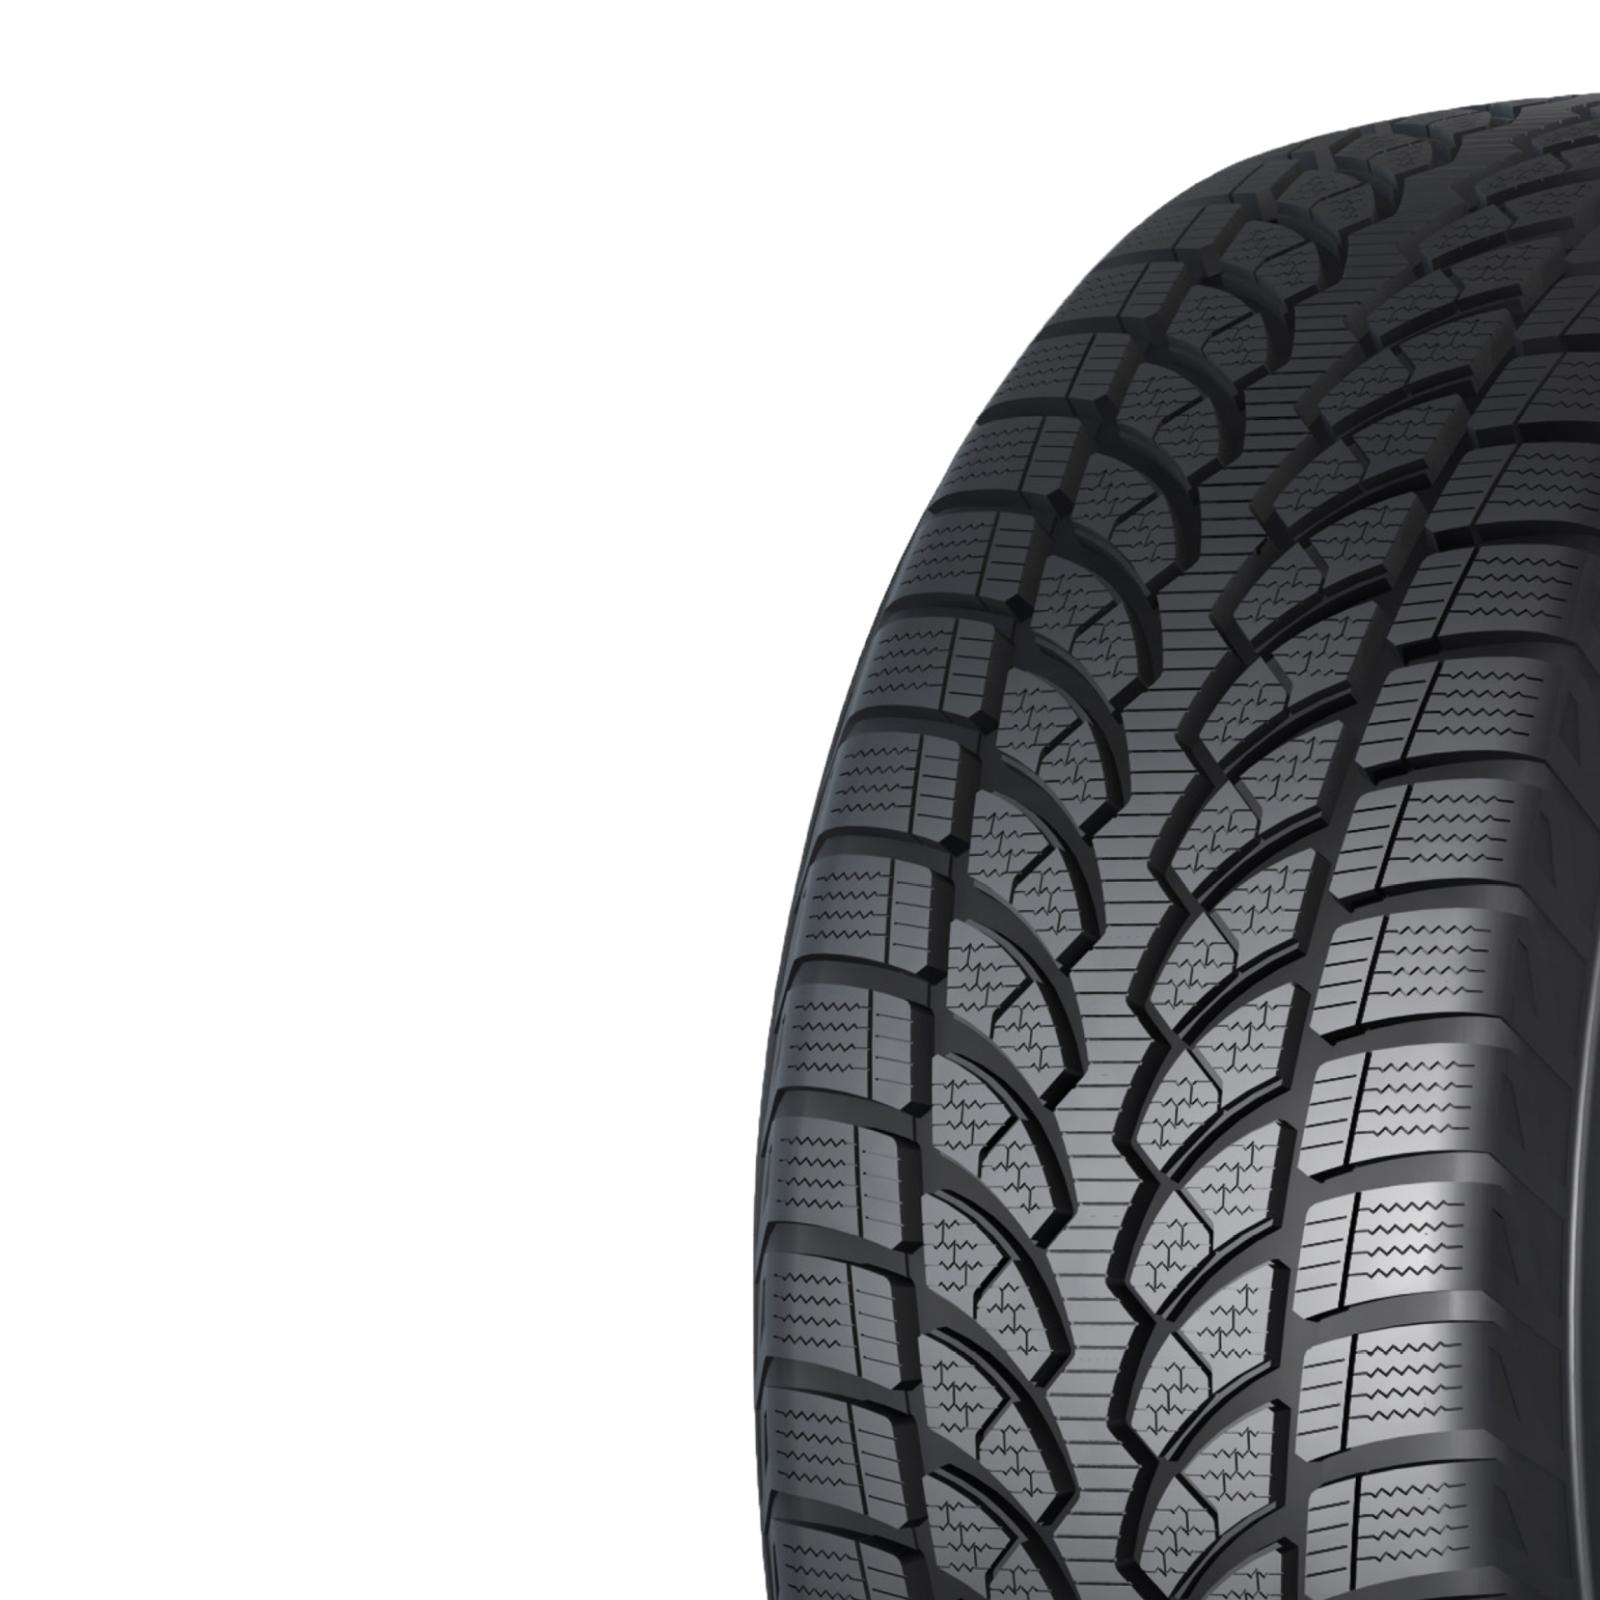 Winterreifen 215/65 R17 103H XL Bridgestone Blizzak LM-005